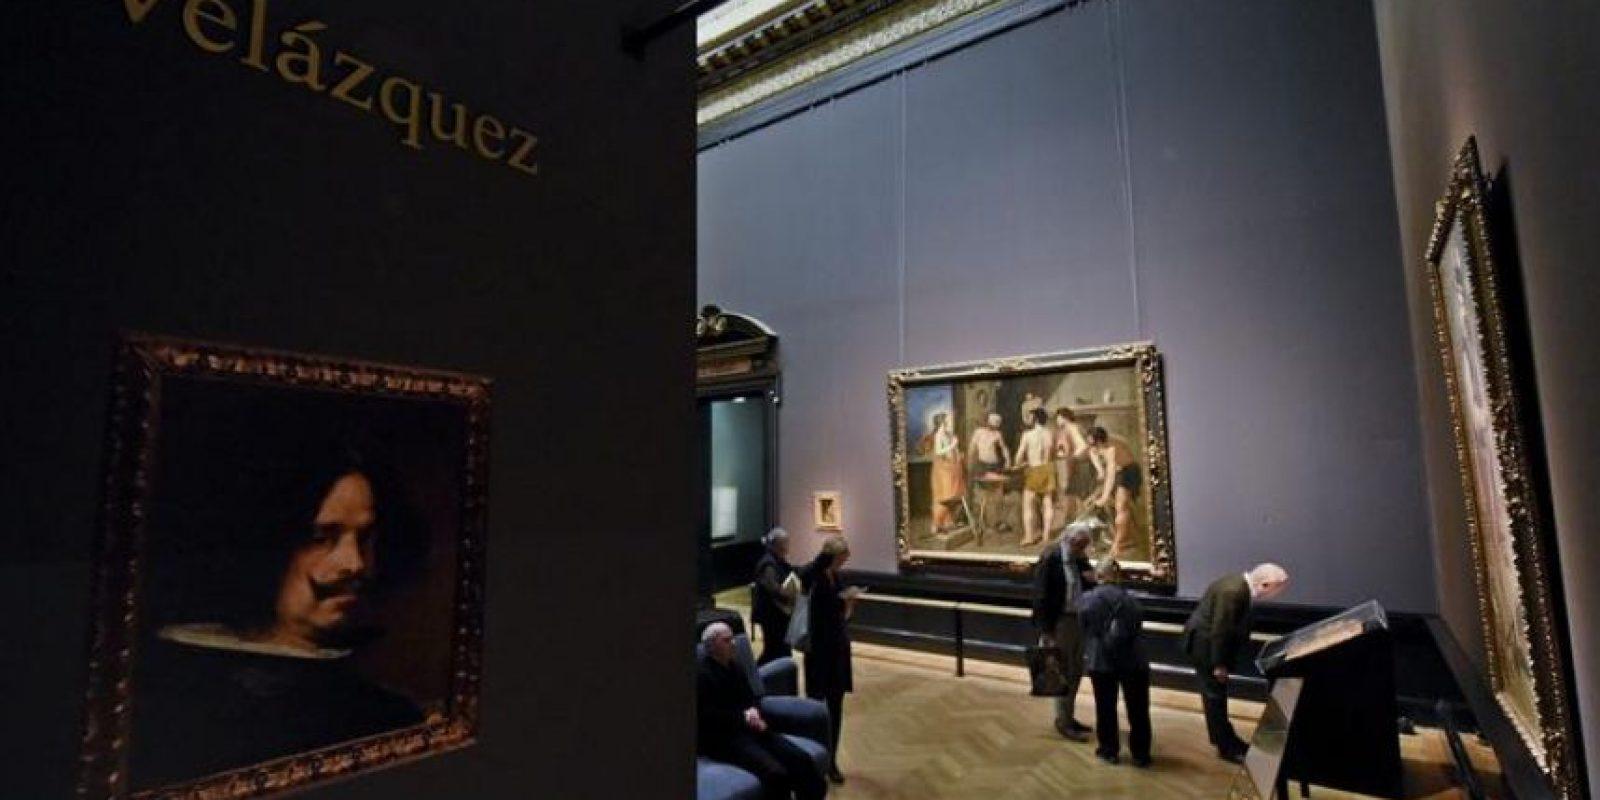 """La obra """"La Fragua de Vulcano"""" (1630) del artista español Diego Velazquez es expuesta en la muestra dedicada al pintor en el museo Kunsthistorisches en Viena (Austria) hoy, lunes 27 de octubre de 2014. EFE"""